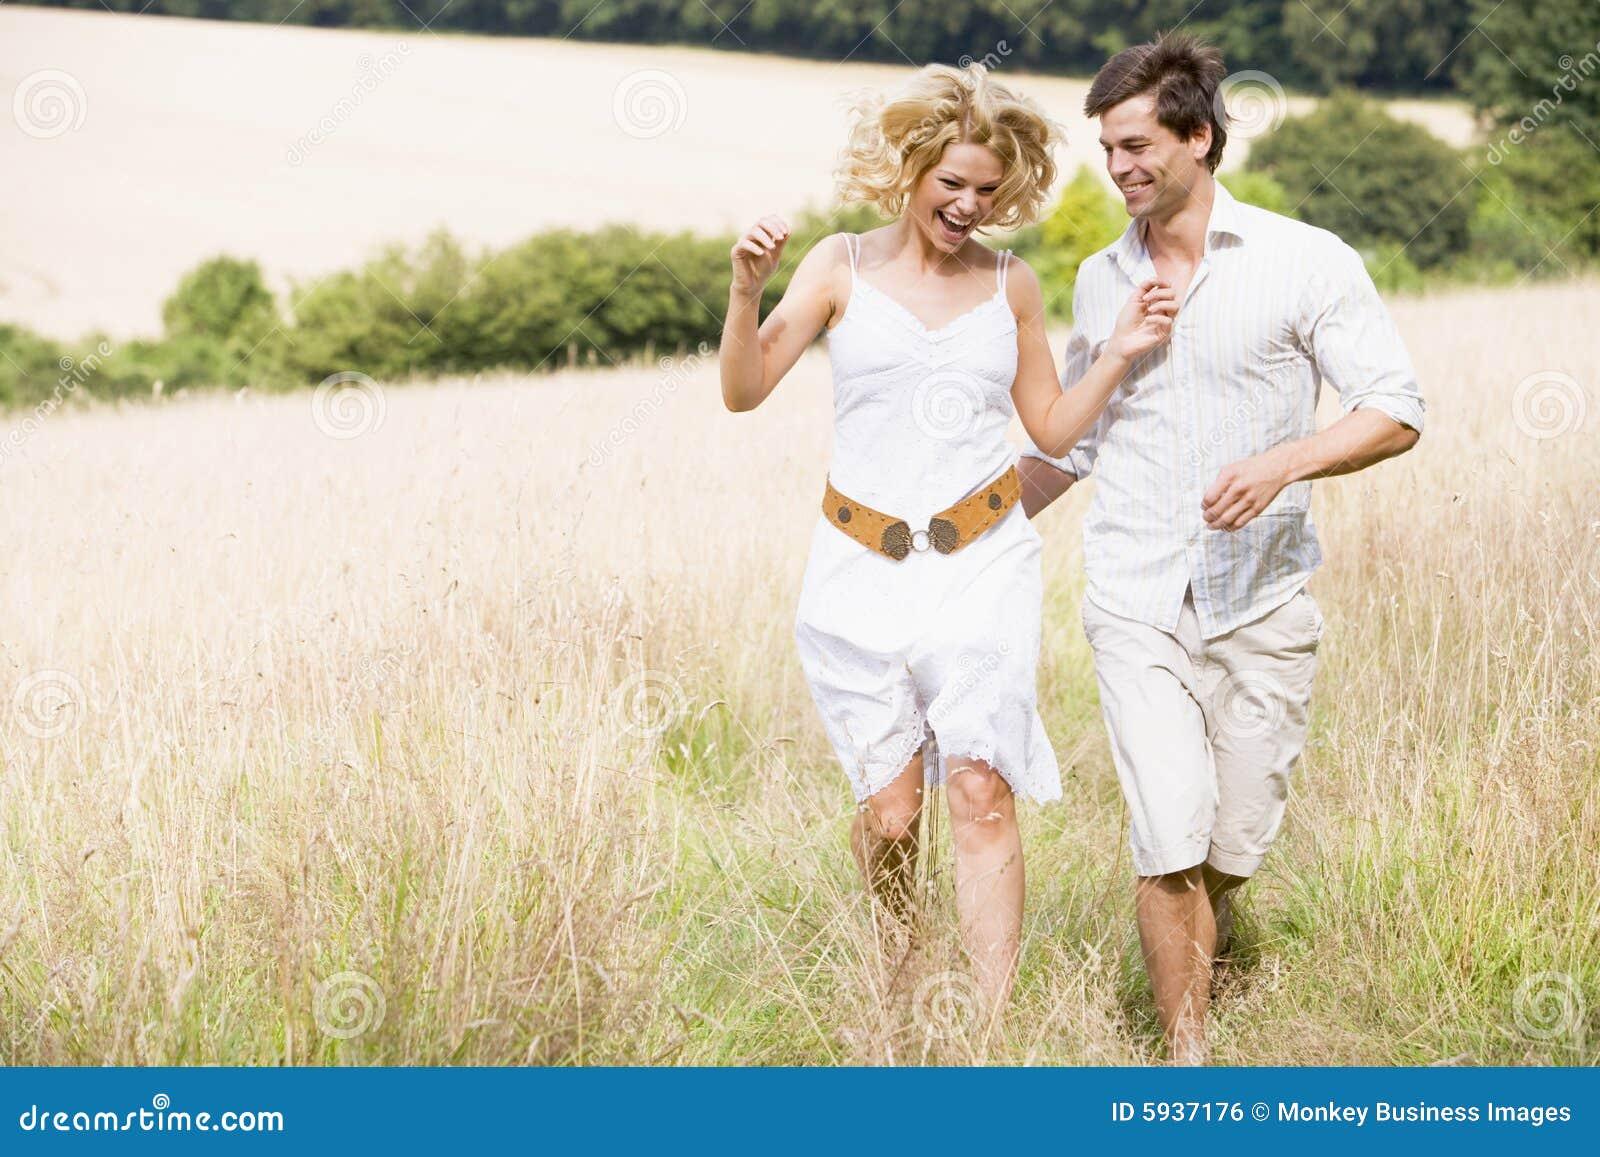 Сайт для одиноких семейных пар 3 фотография